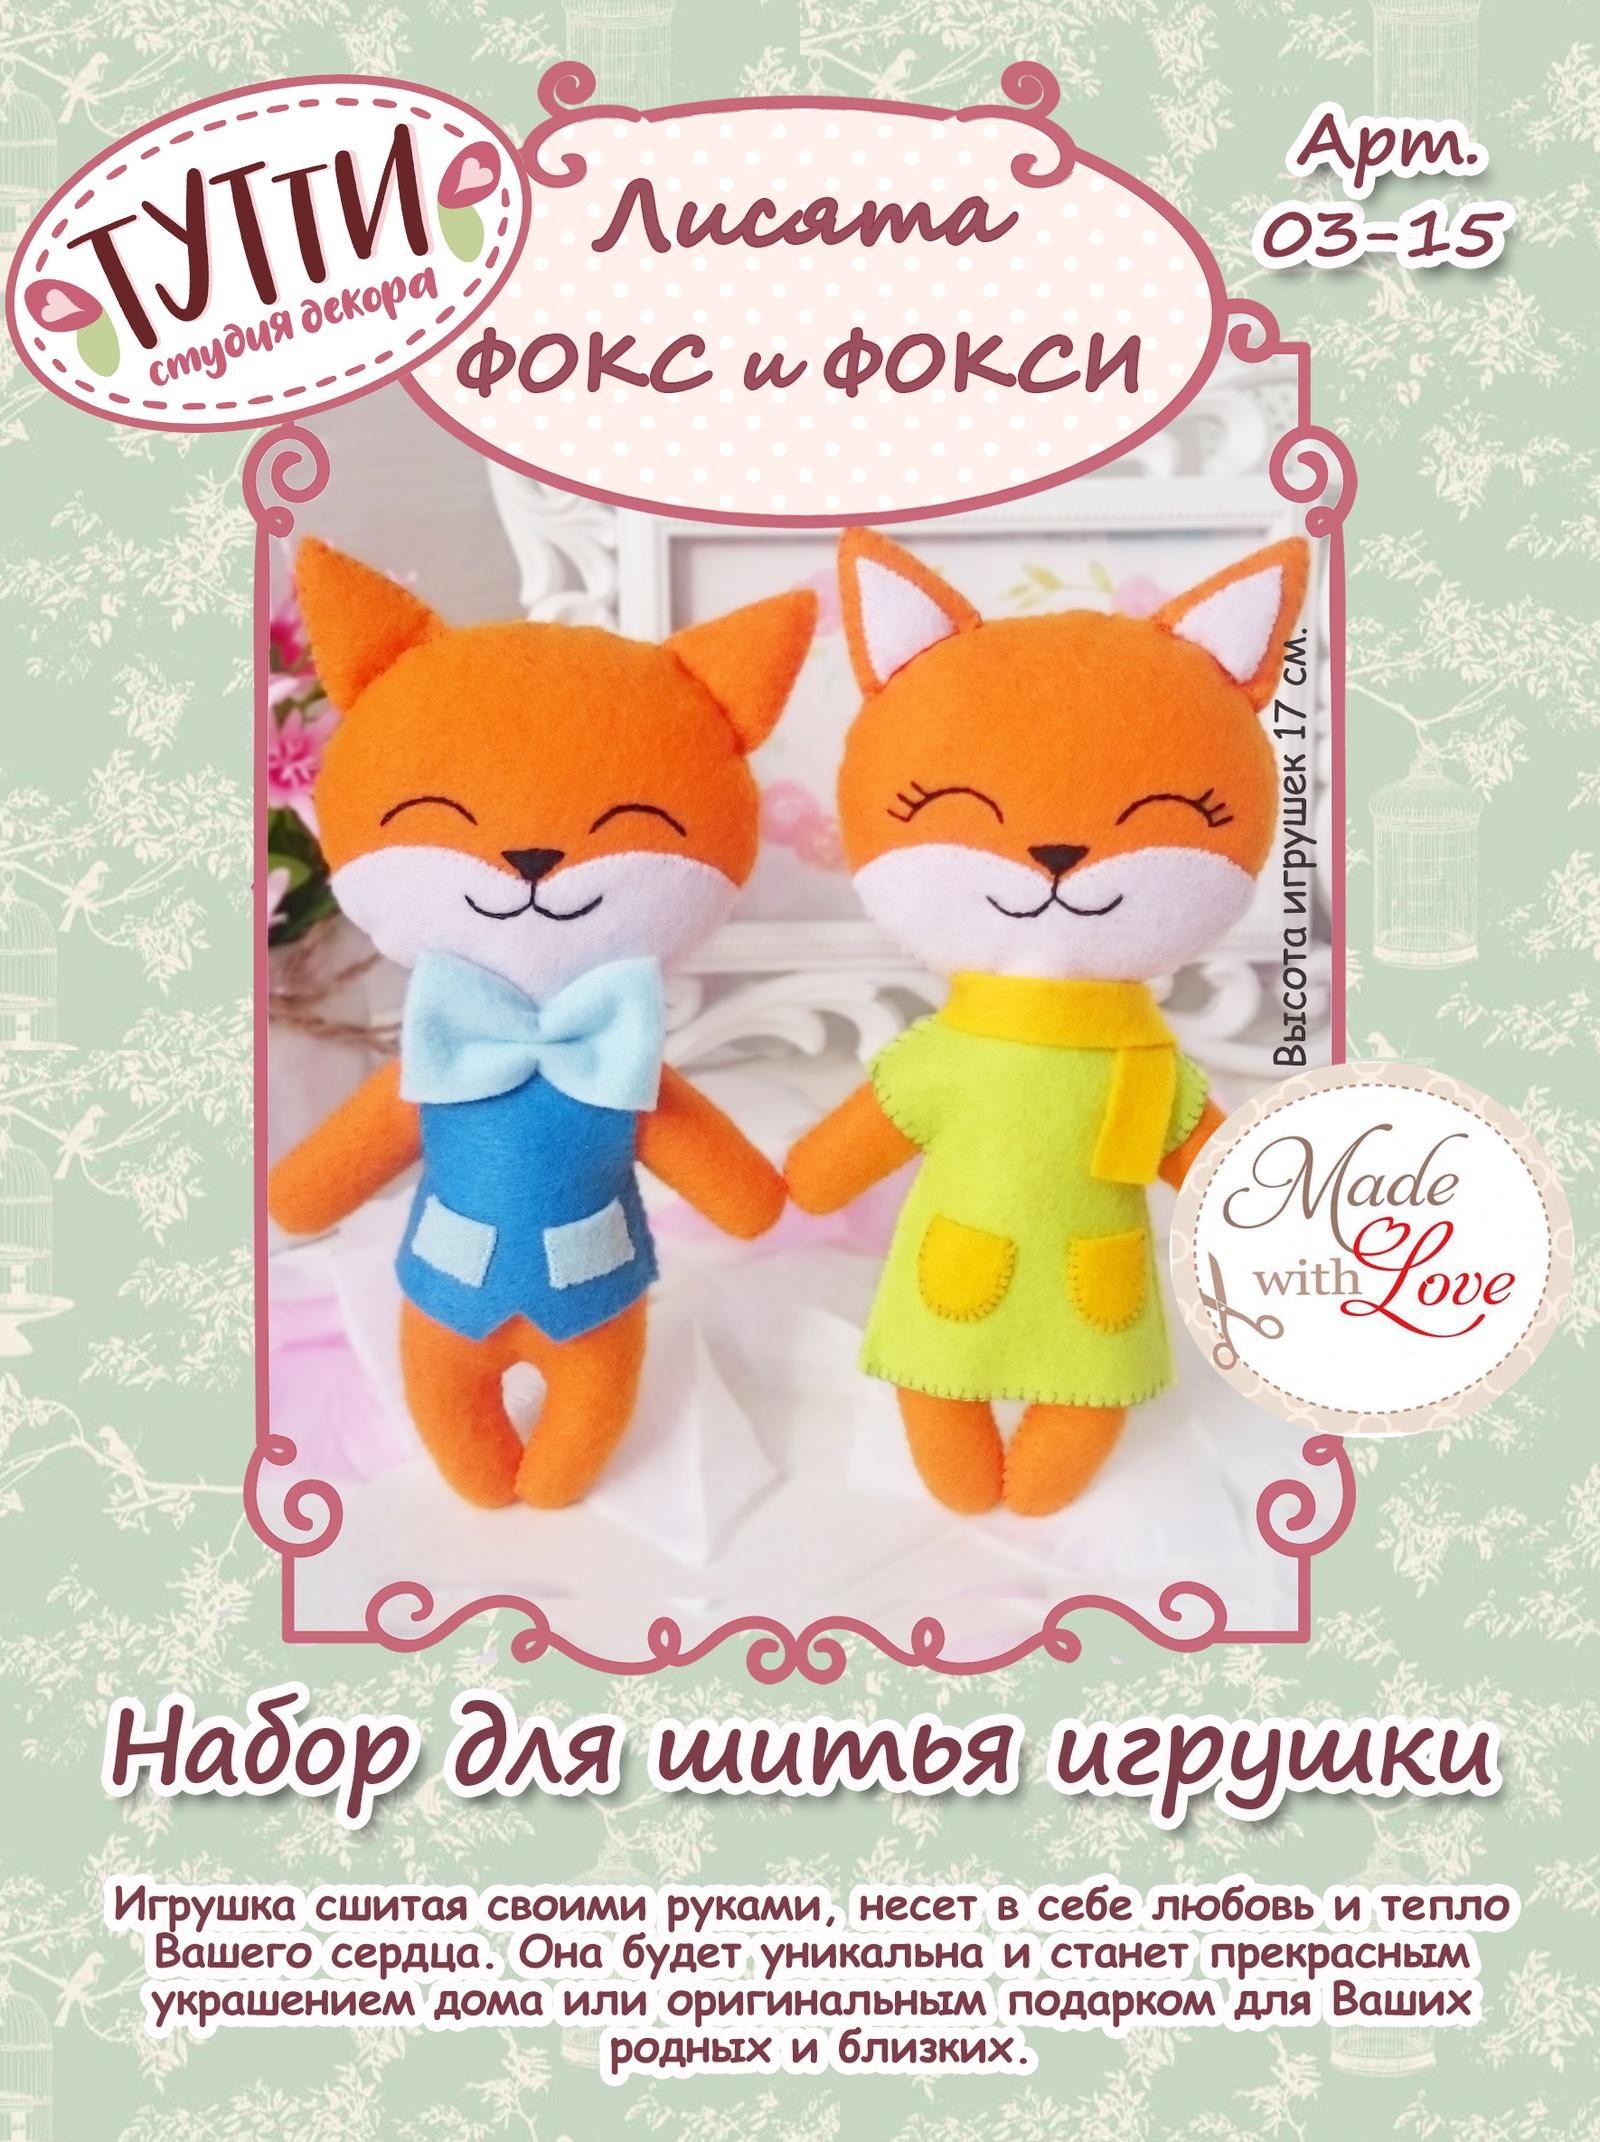 Набор для изготовления игрушки Тутти Фокс и Фокси, 03-15 наборы из фетра в пакете с хедером четырехлистники 11 21136 15